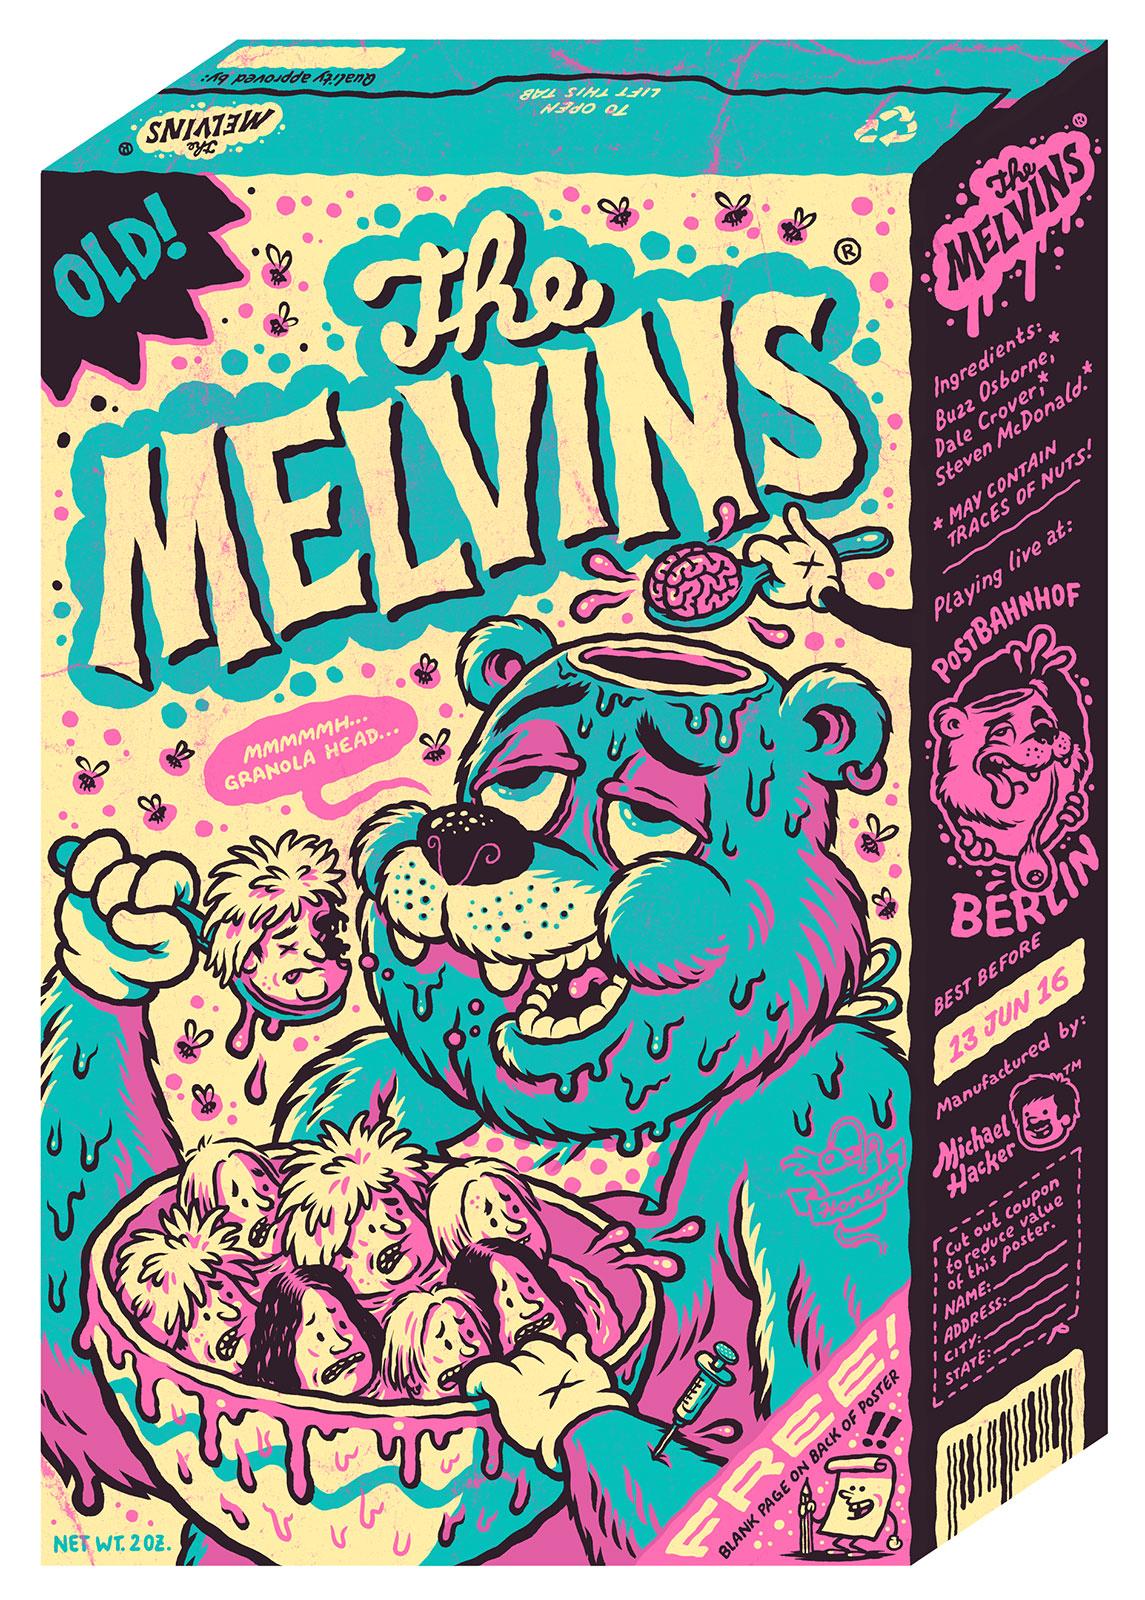 Inside The Rock Poster Frame Blog Michael Hacker Melvins